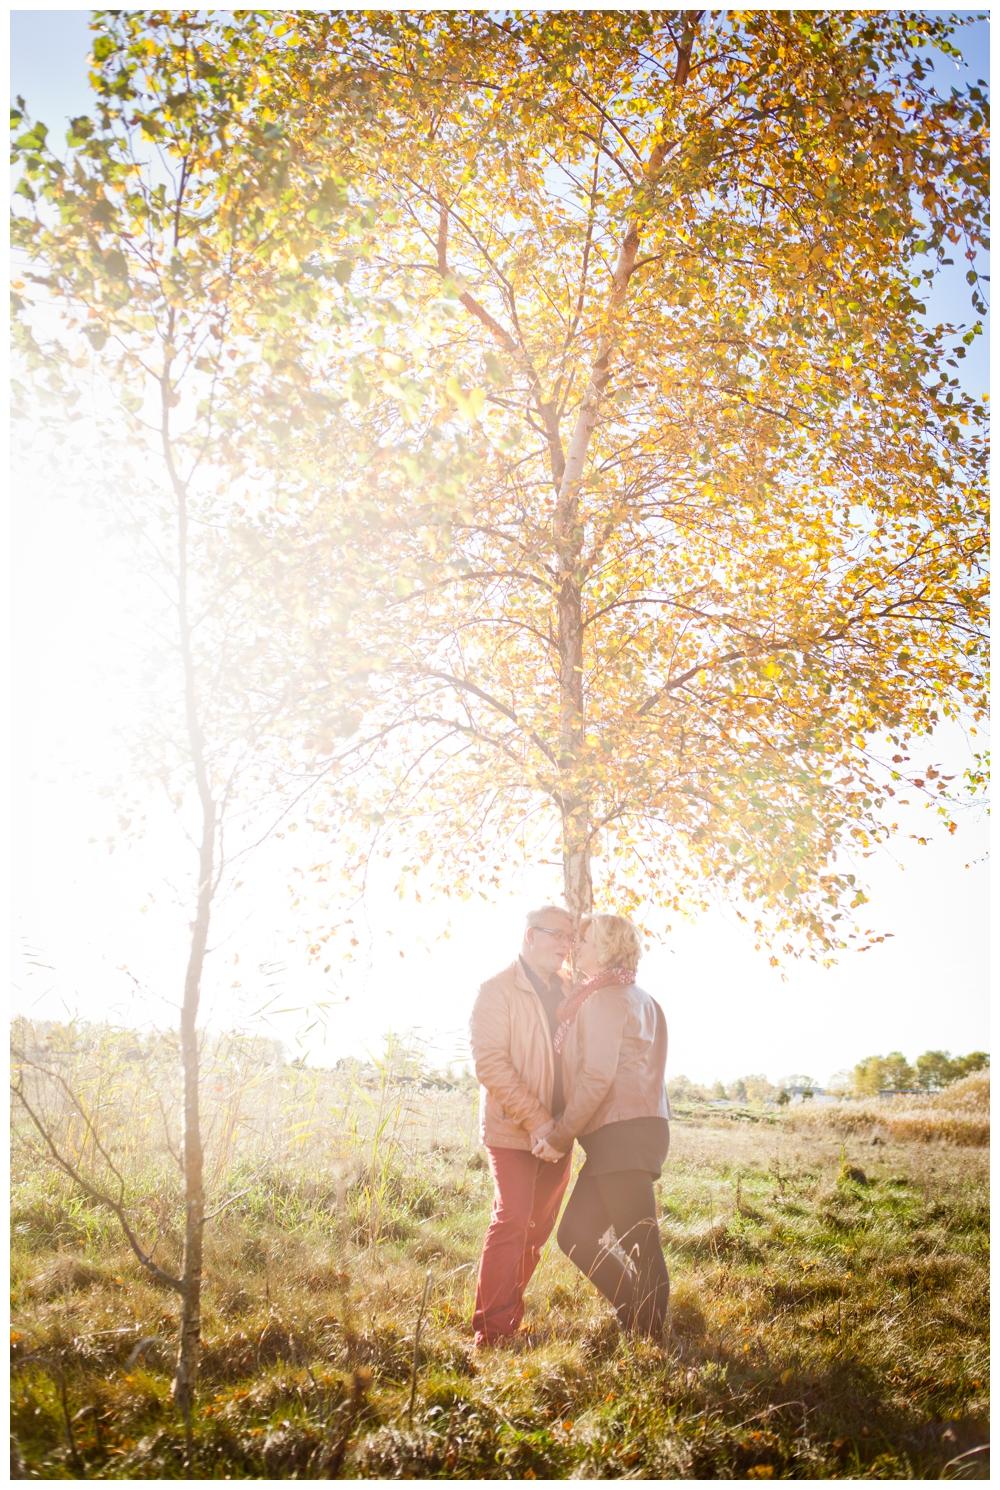 Loveshoot Freek&Liesbeth - Debora Yari Fotografie031